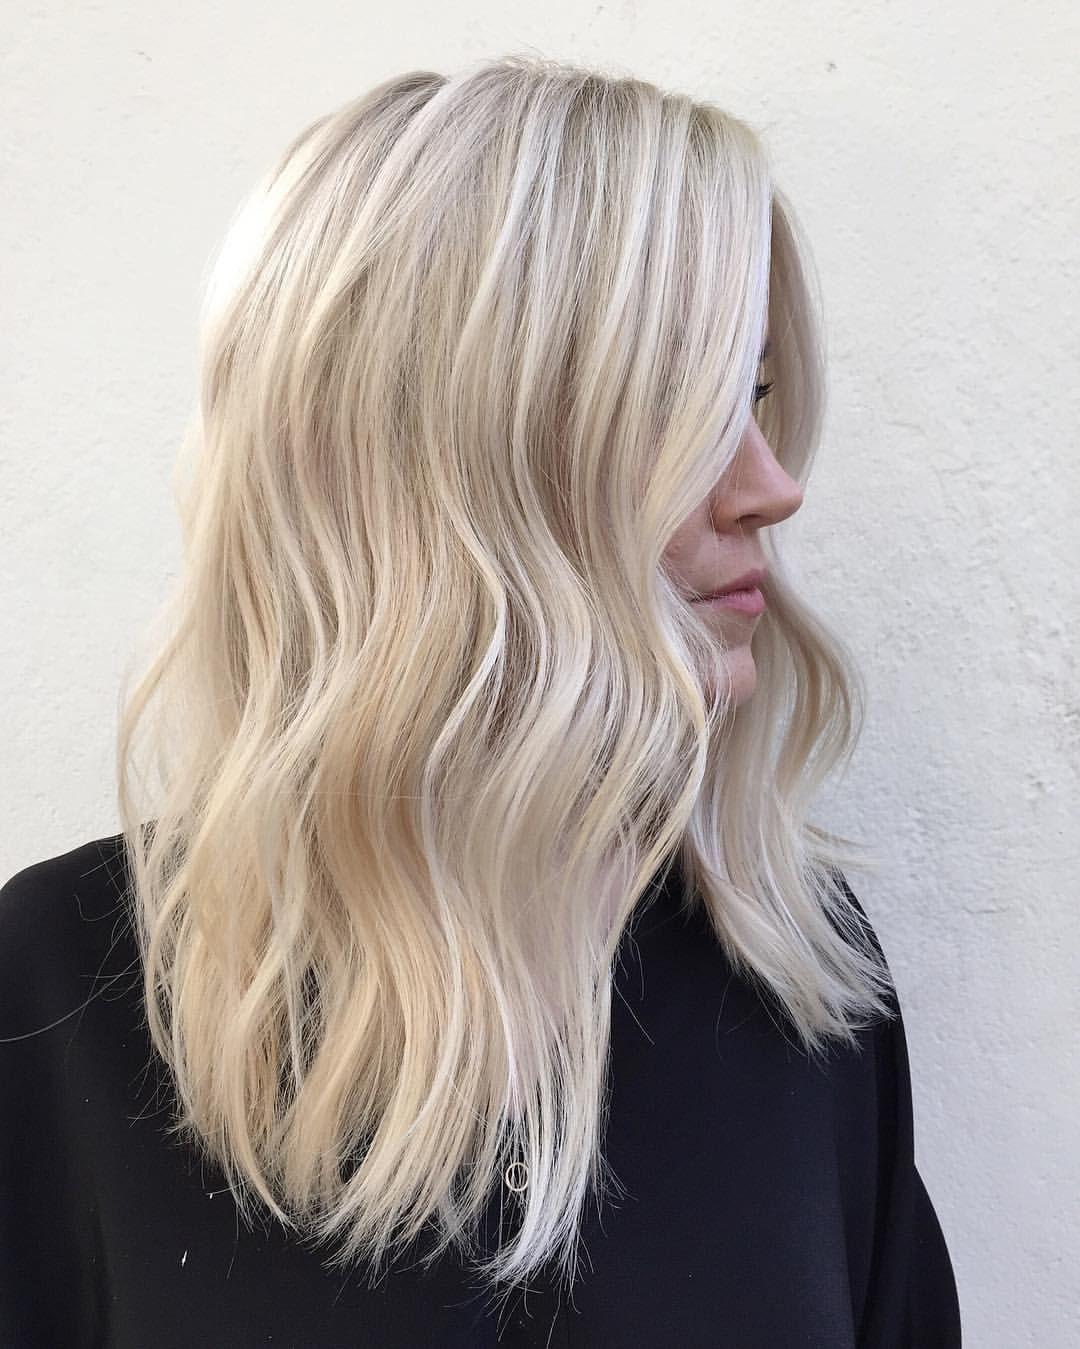 pin von sabrina keultjes auf hair | pinterest | hair, blonde